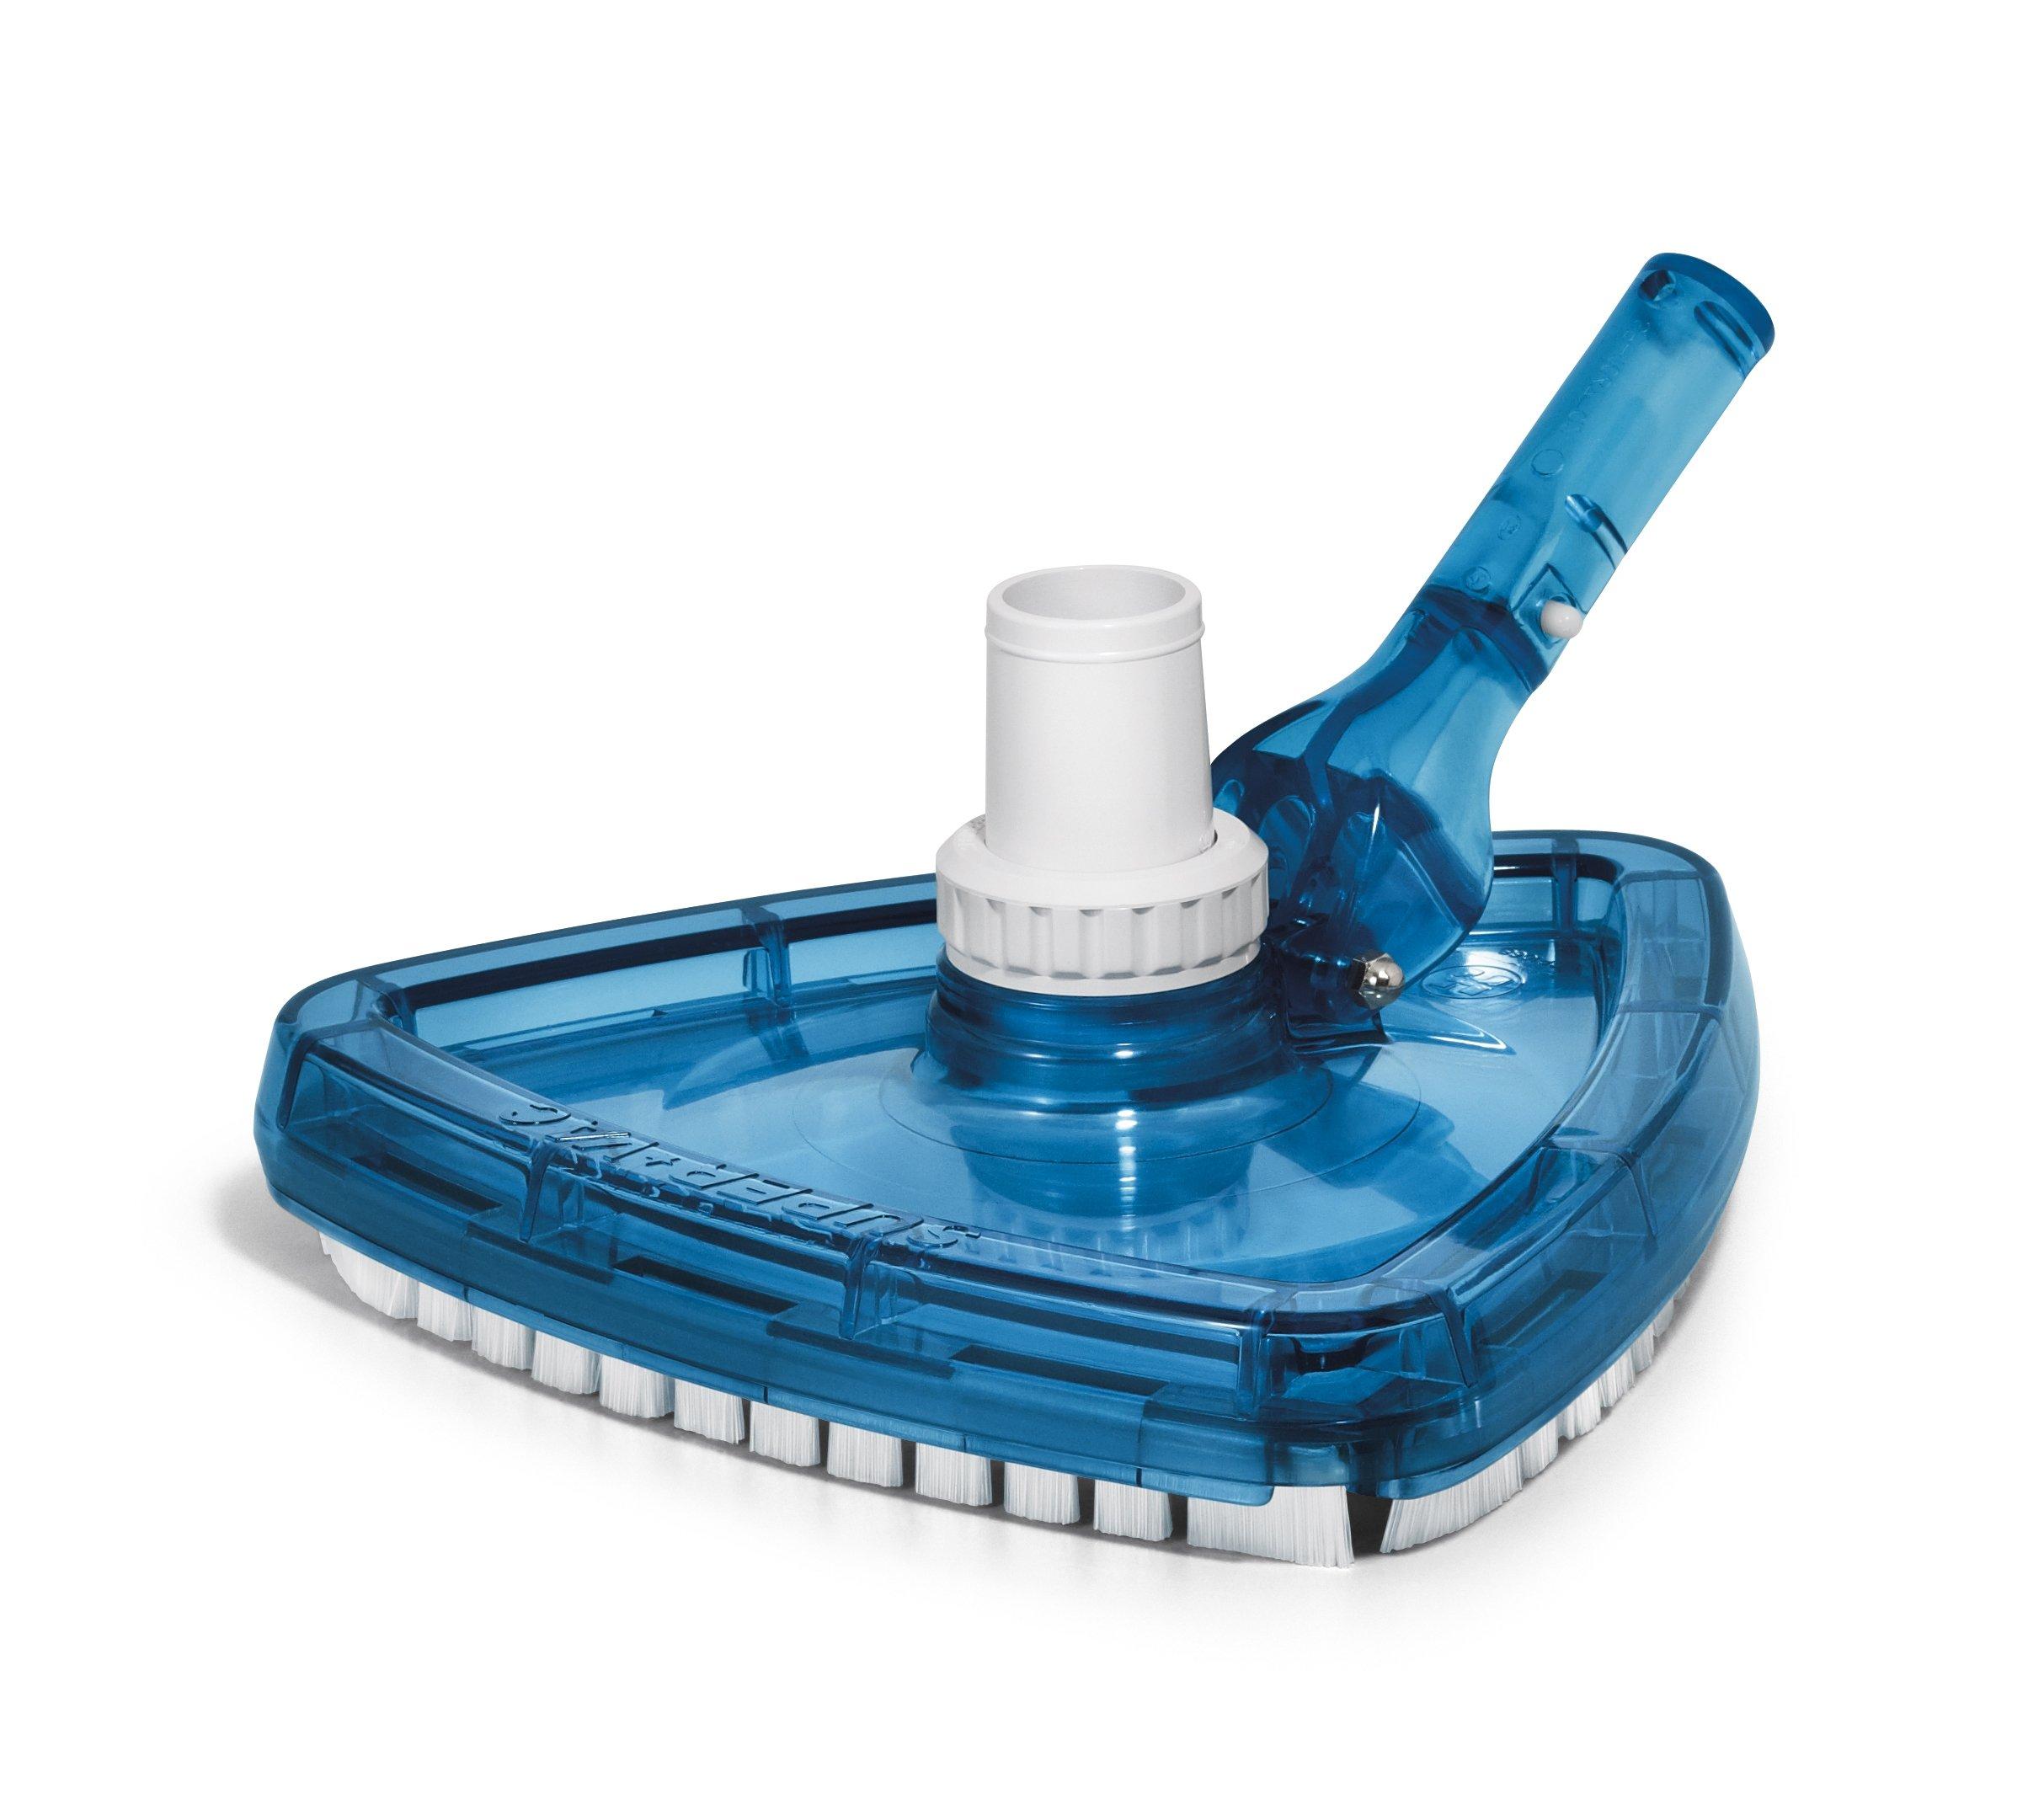 Hayward SP1068 Pool Vacuum Cleaner Head